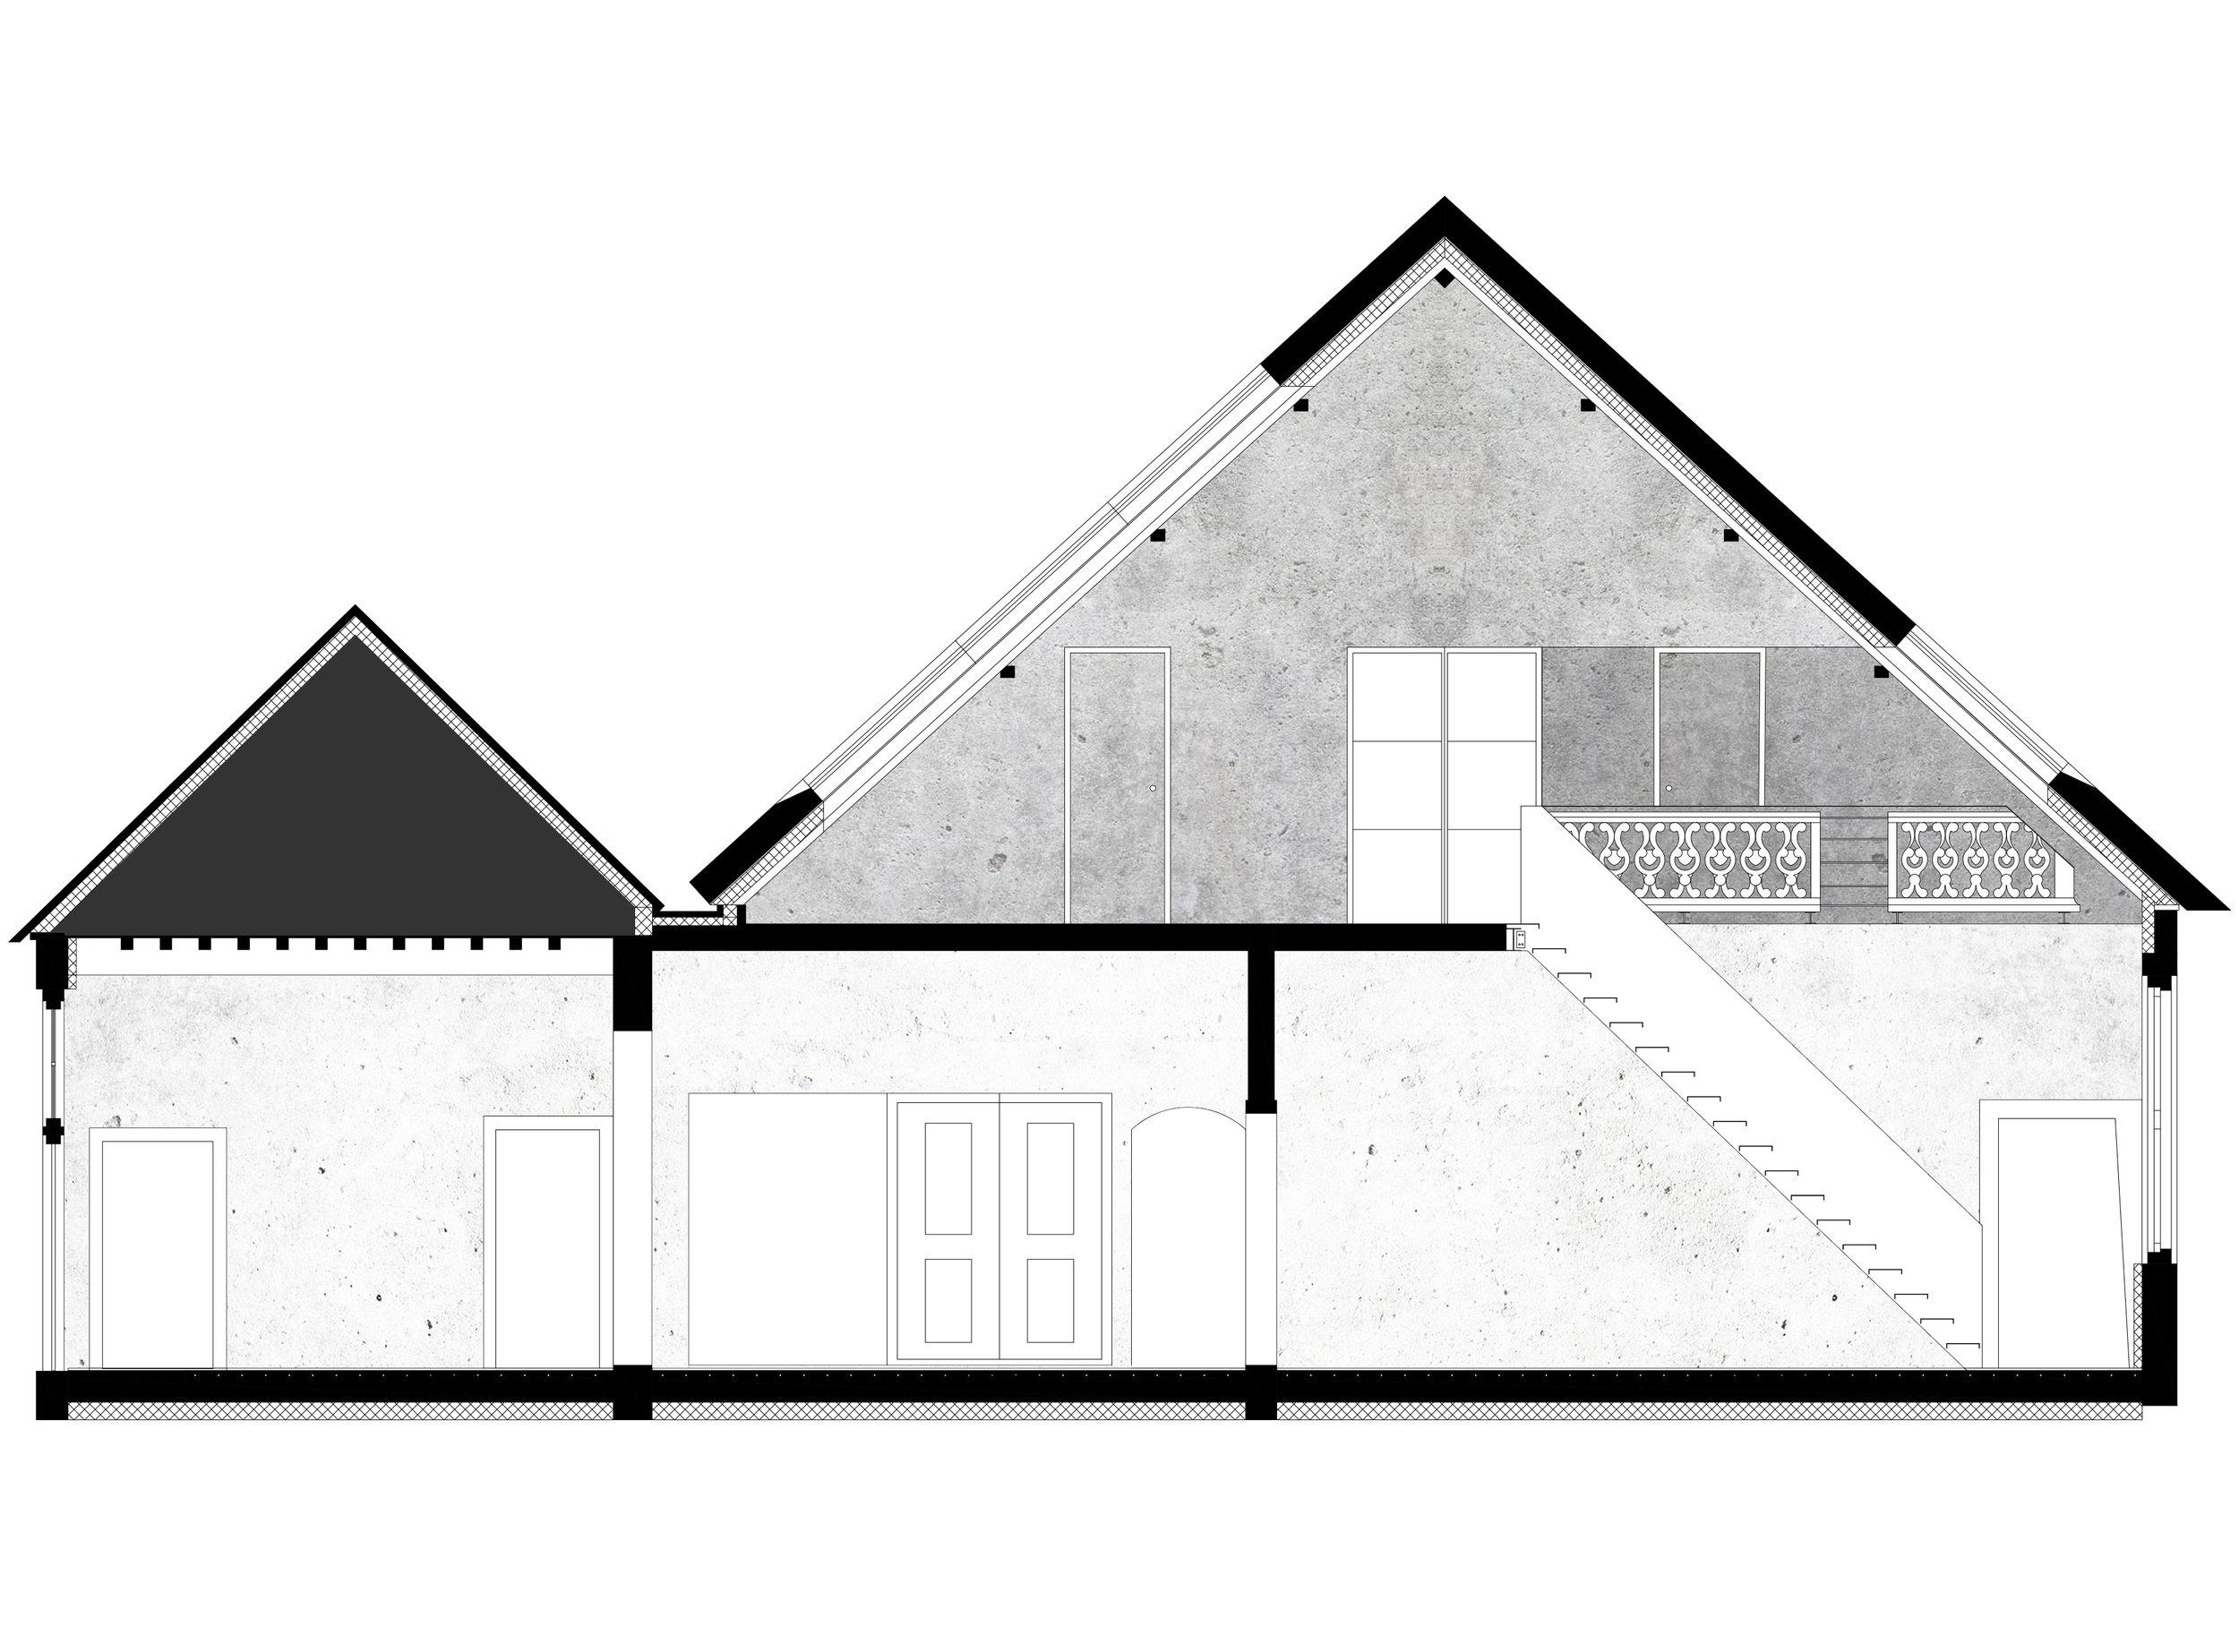 Ontwerptekening ten behoeve van de renovatie van Rijksmonument Snellenburg met een doorsnede over de gang van het landhuis en de nieuwe trap.